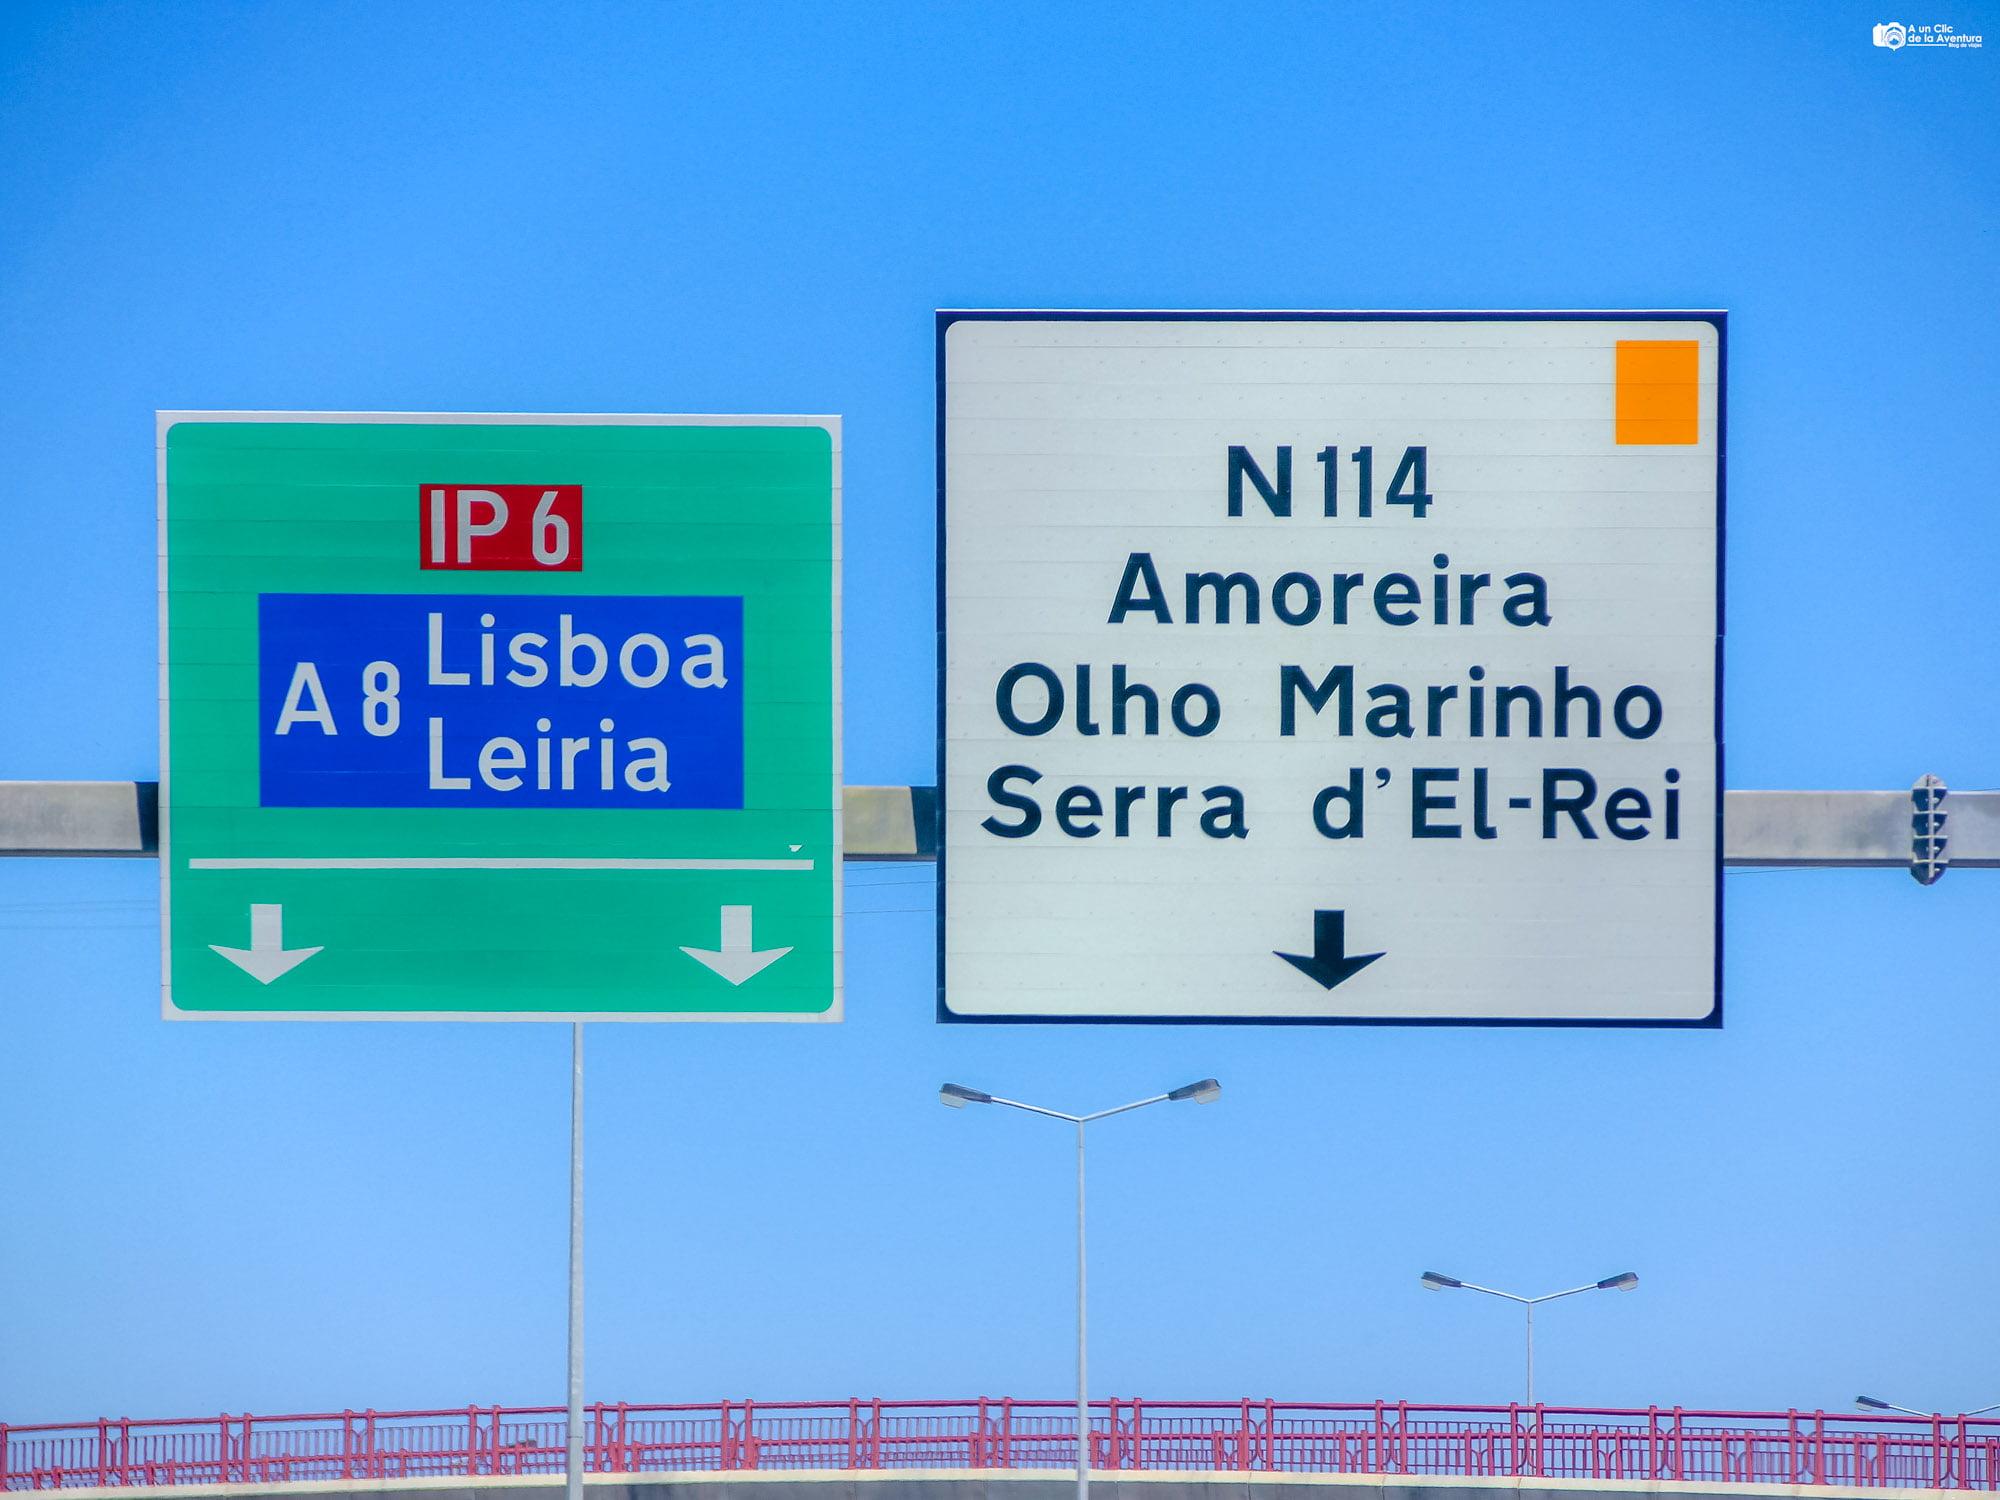 Señalización de las carreteras de Portugal